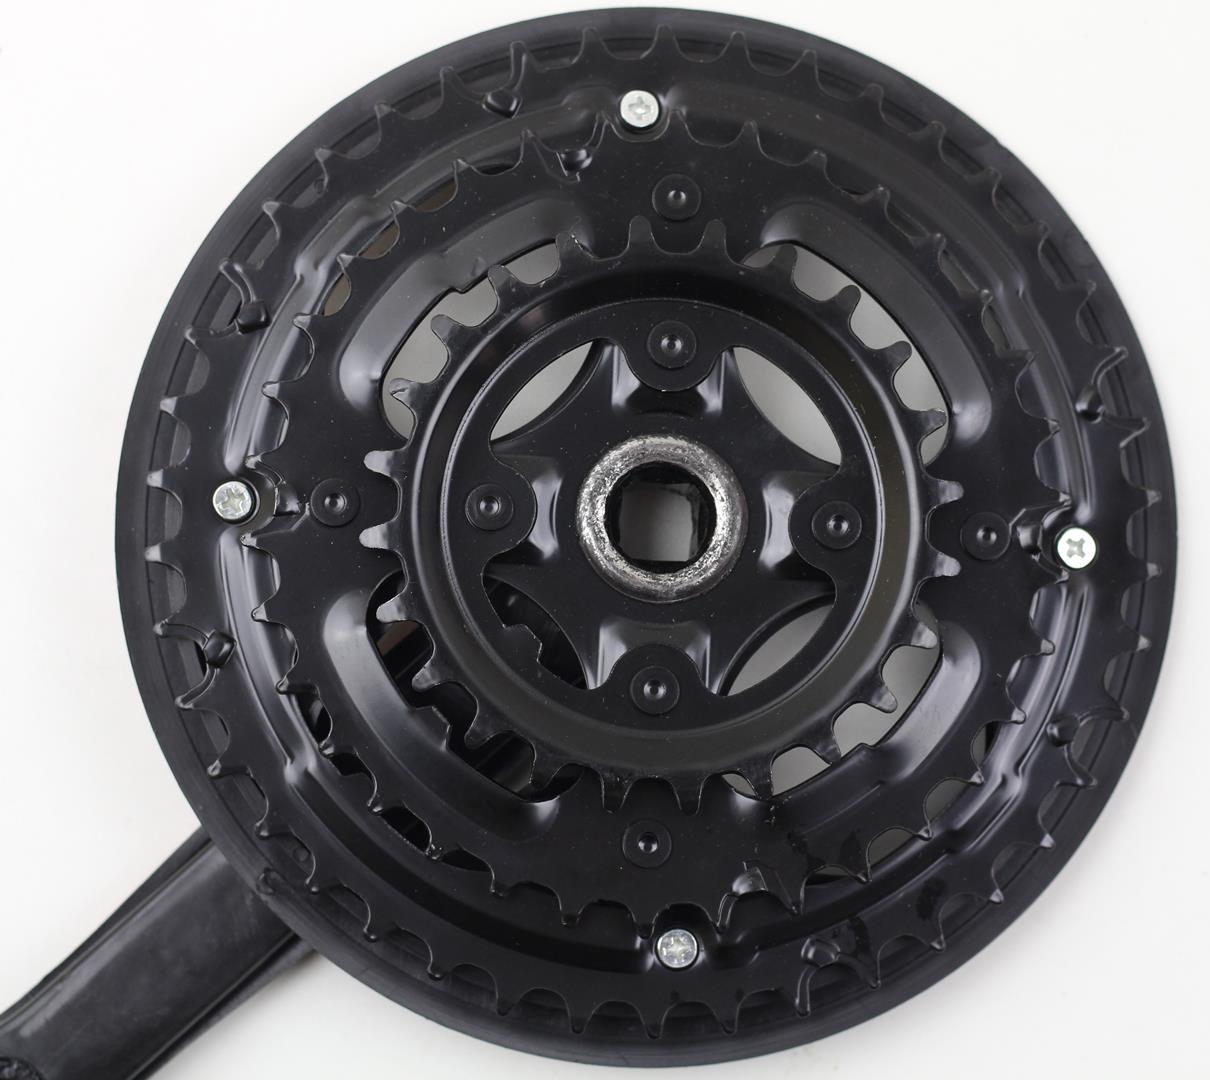 Pedivela Bicicleta Mountain-Bike GTS Element 42-32-24 dentes 170mm Eixo Quadrado para 6-7-8 velocidades